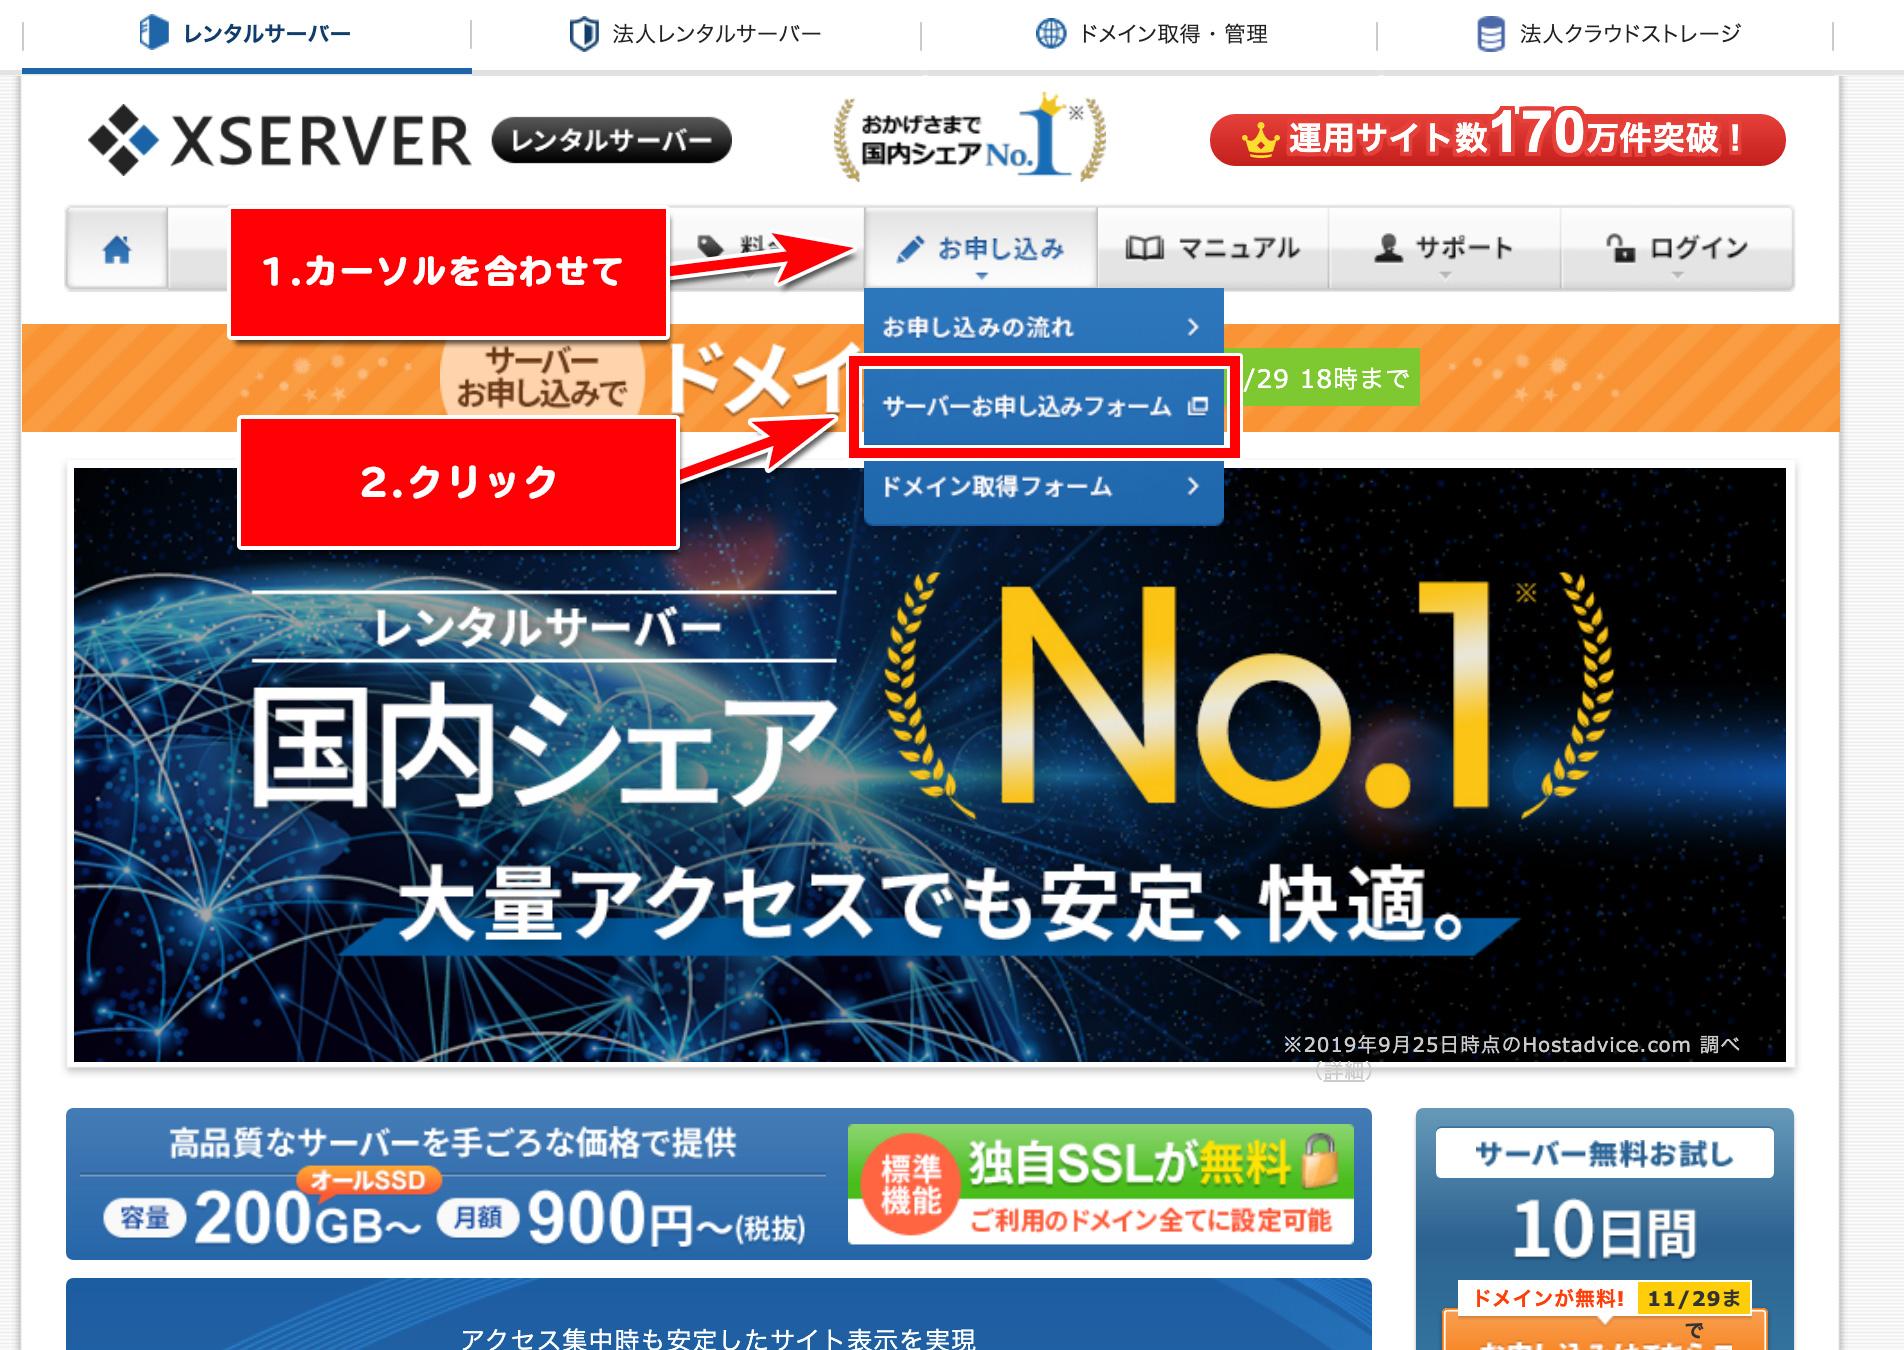 Xserver01